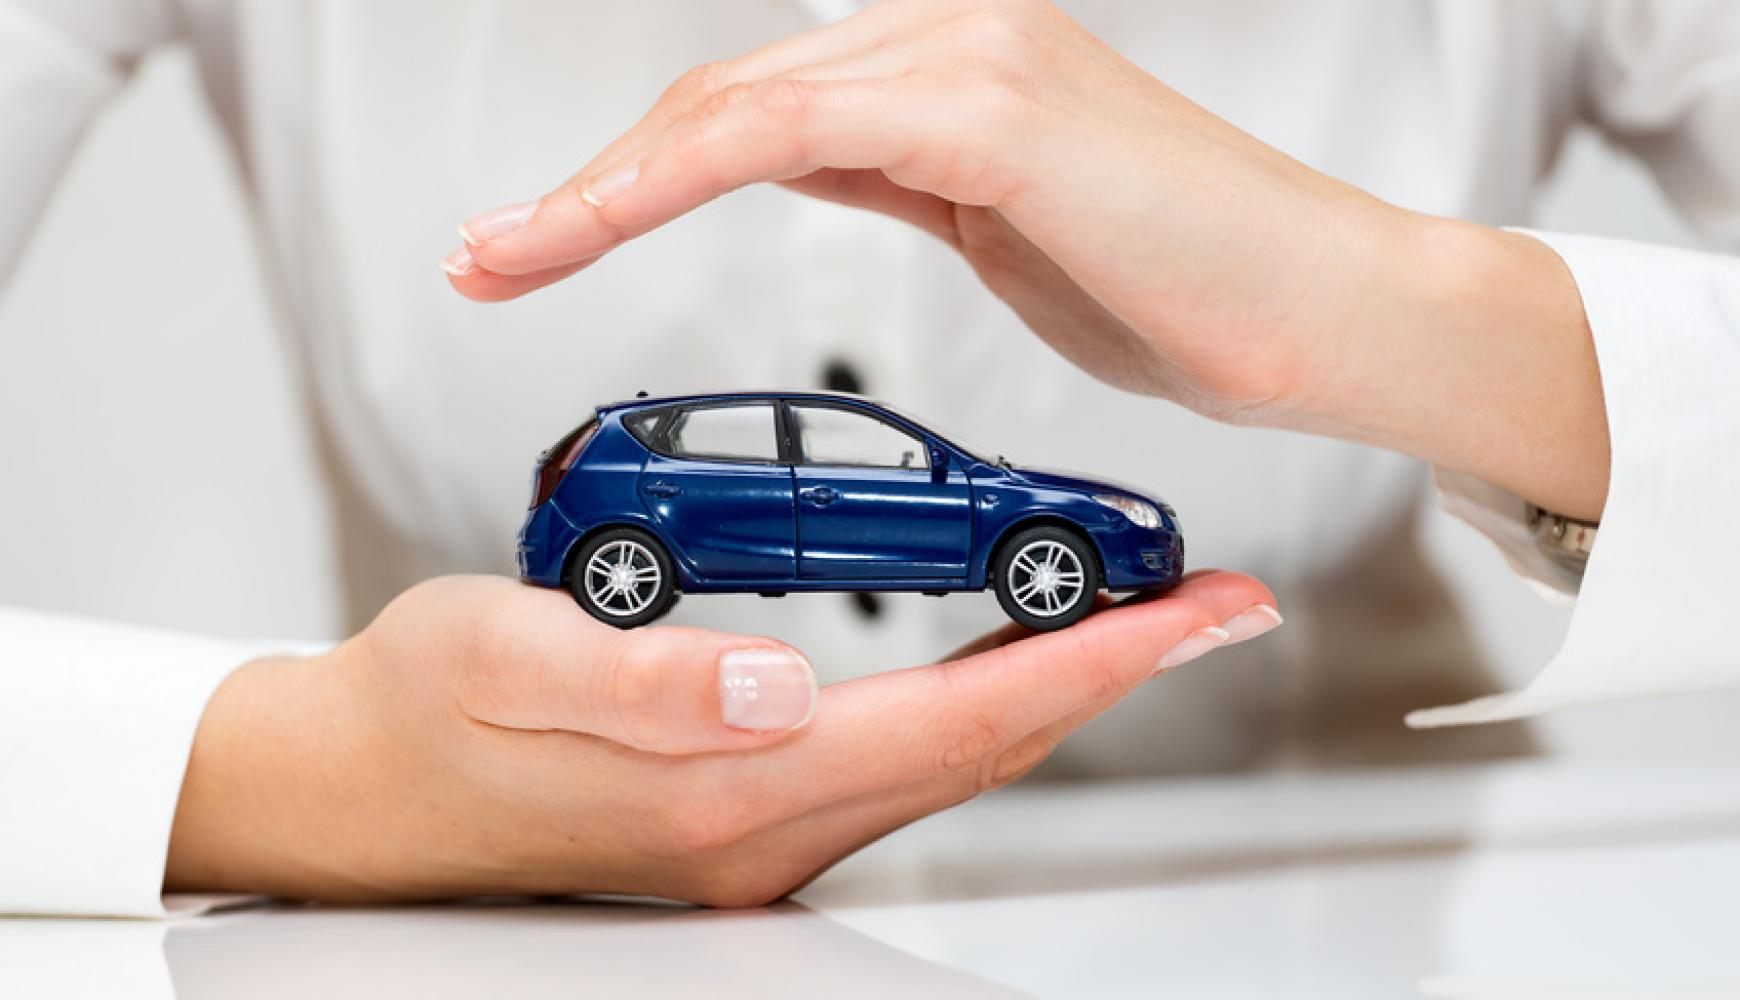 Assurance de prêt : la loi Hamon m'a facilité la vie